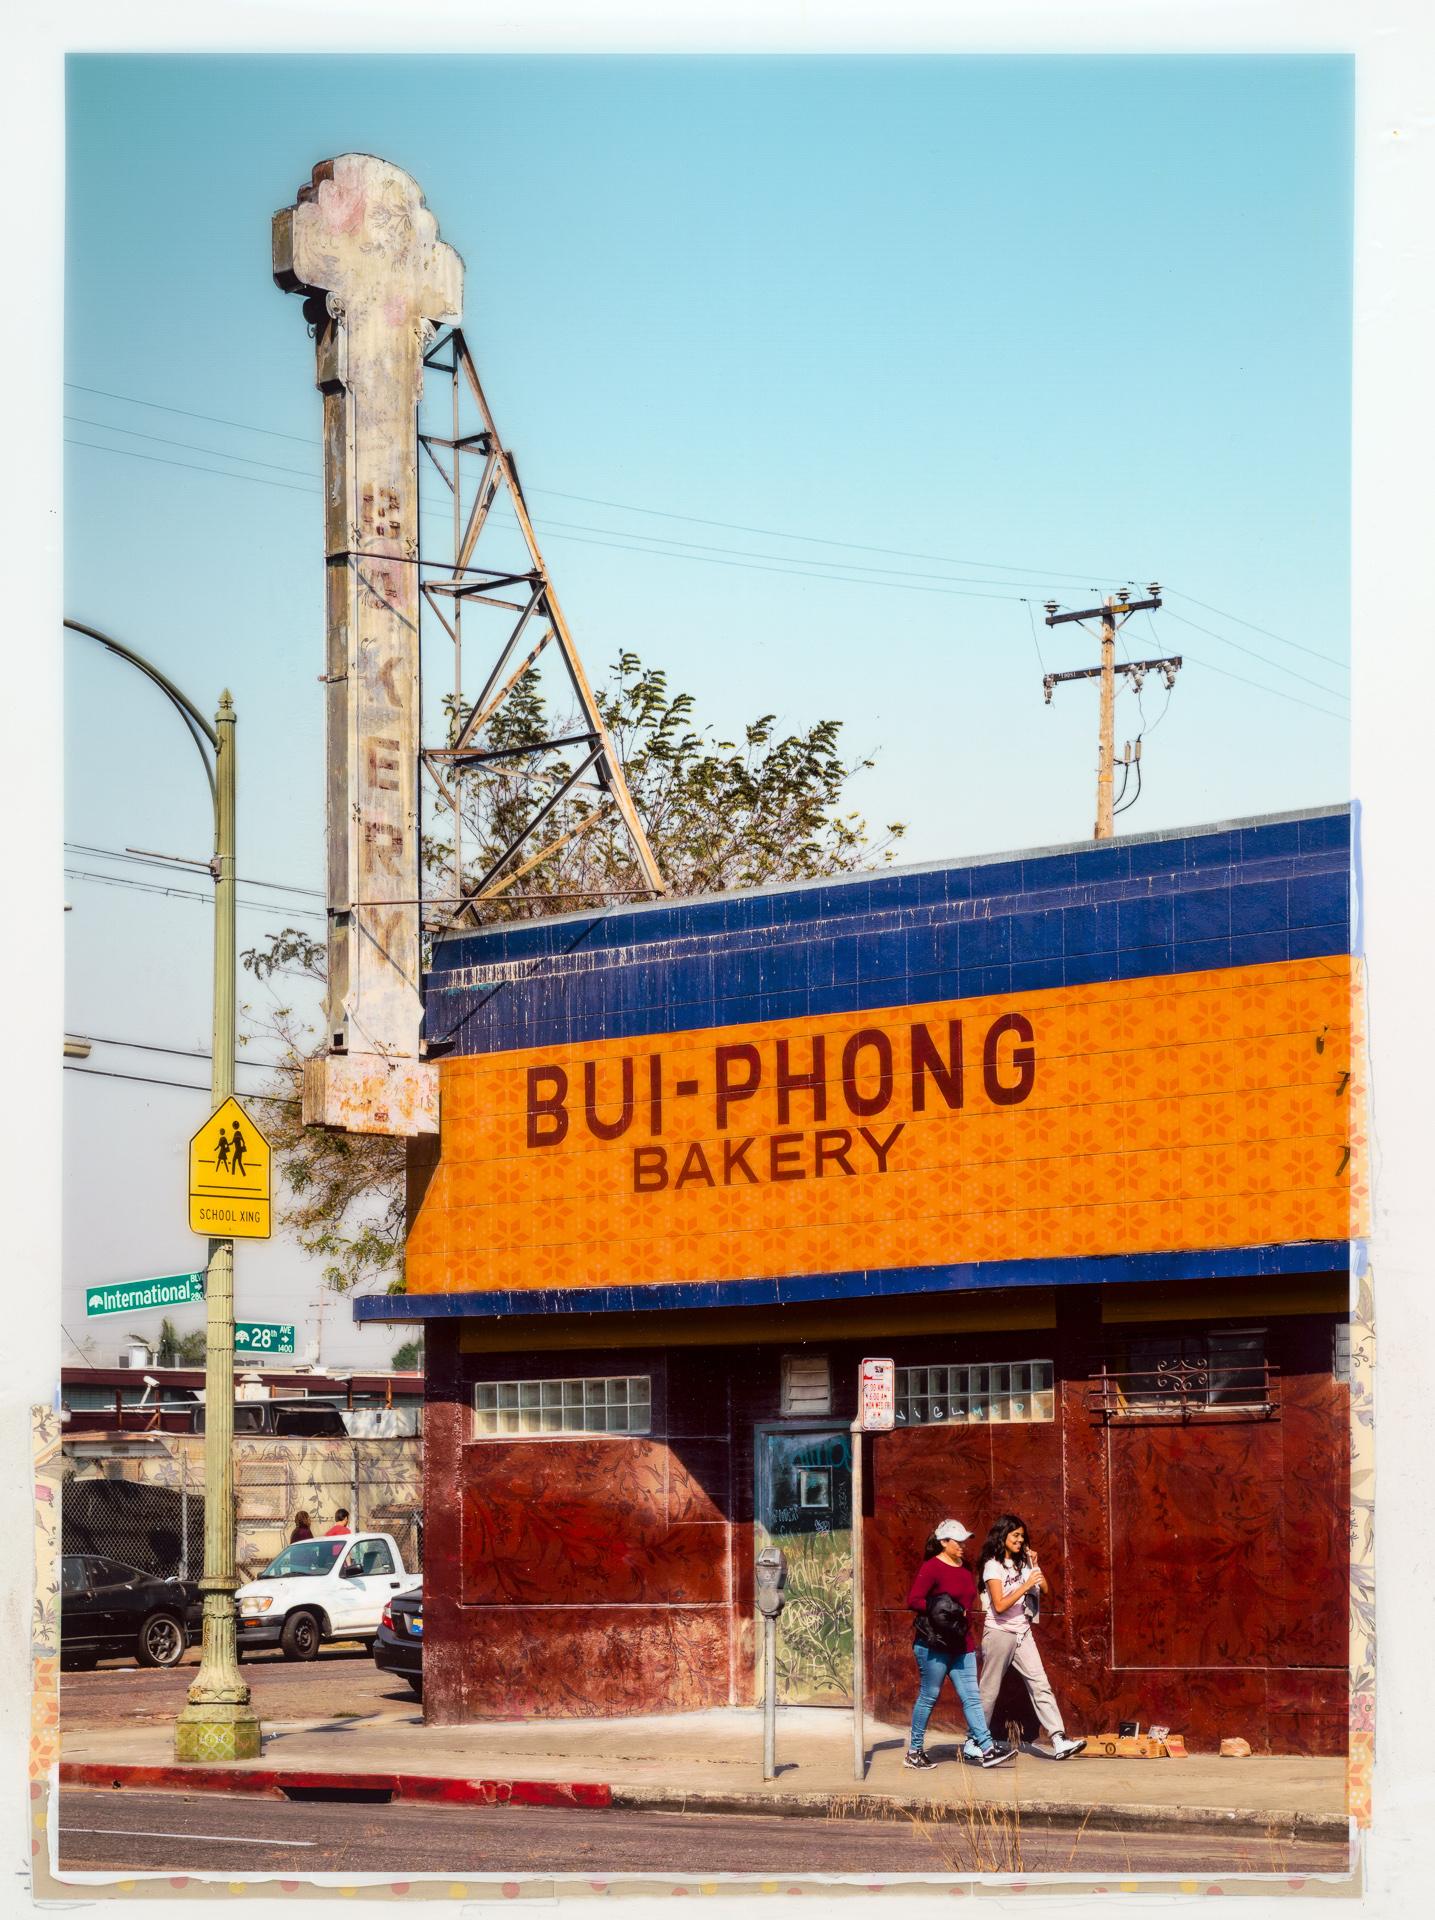 Bui-Phong Bakery